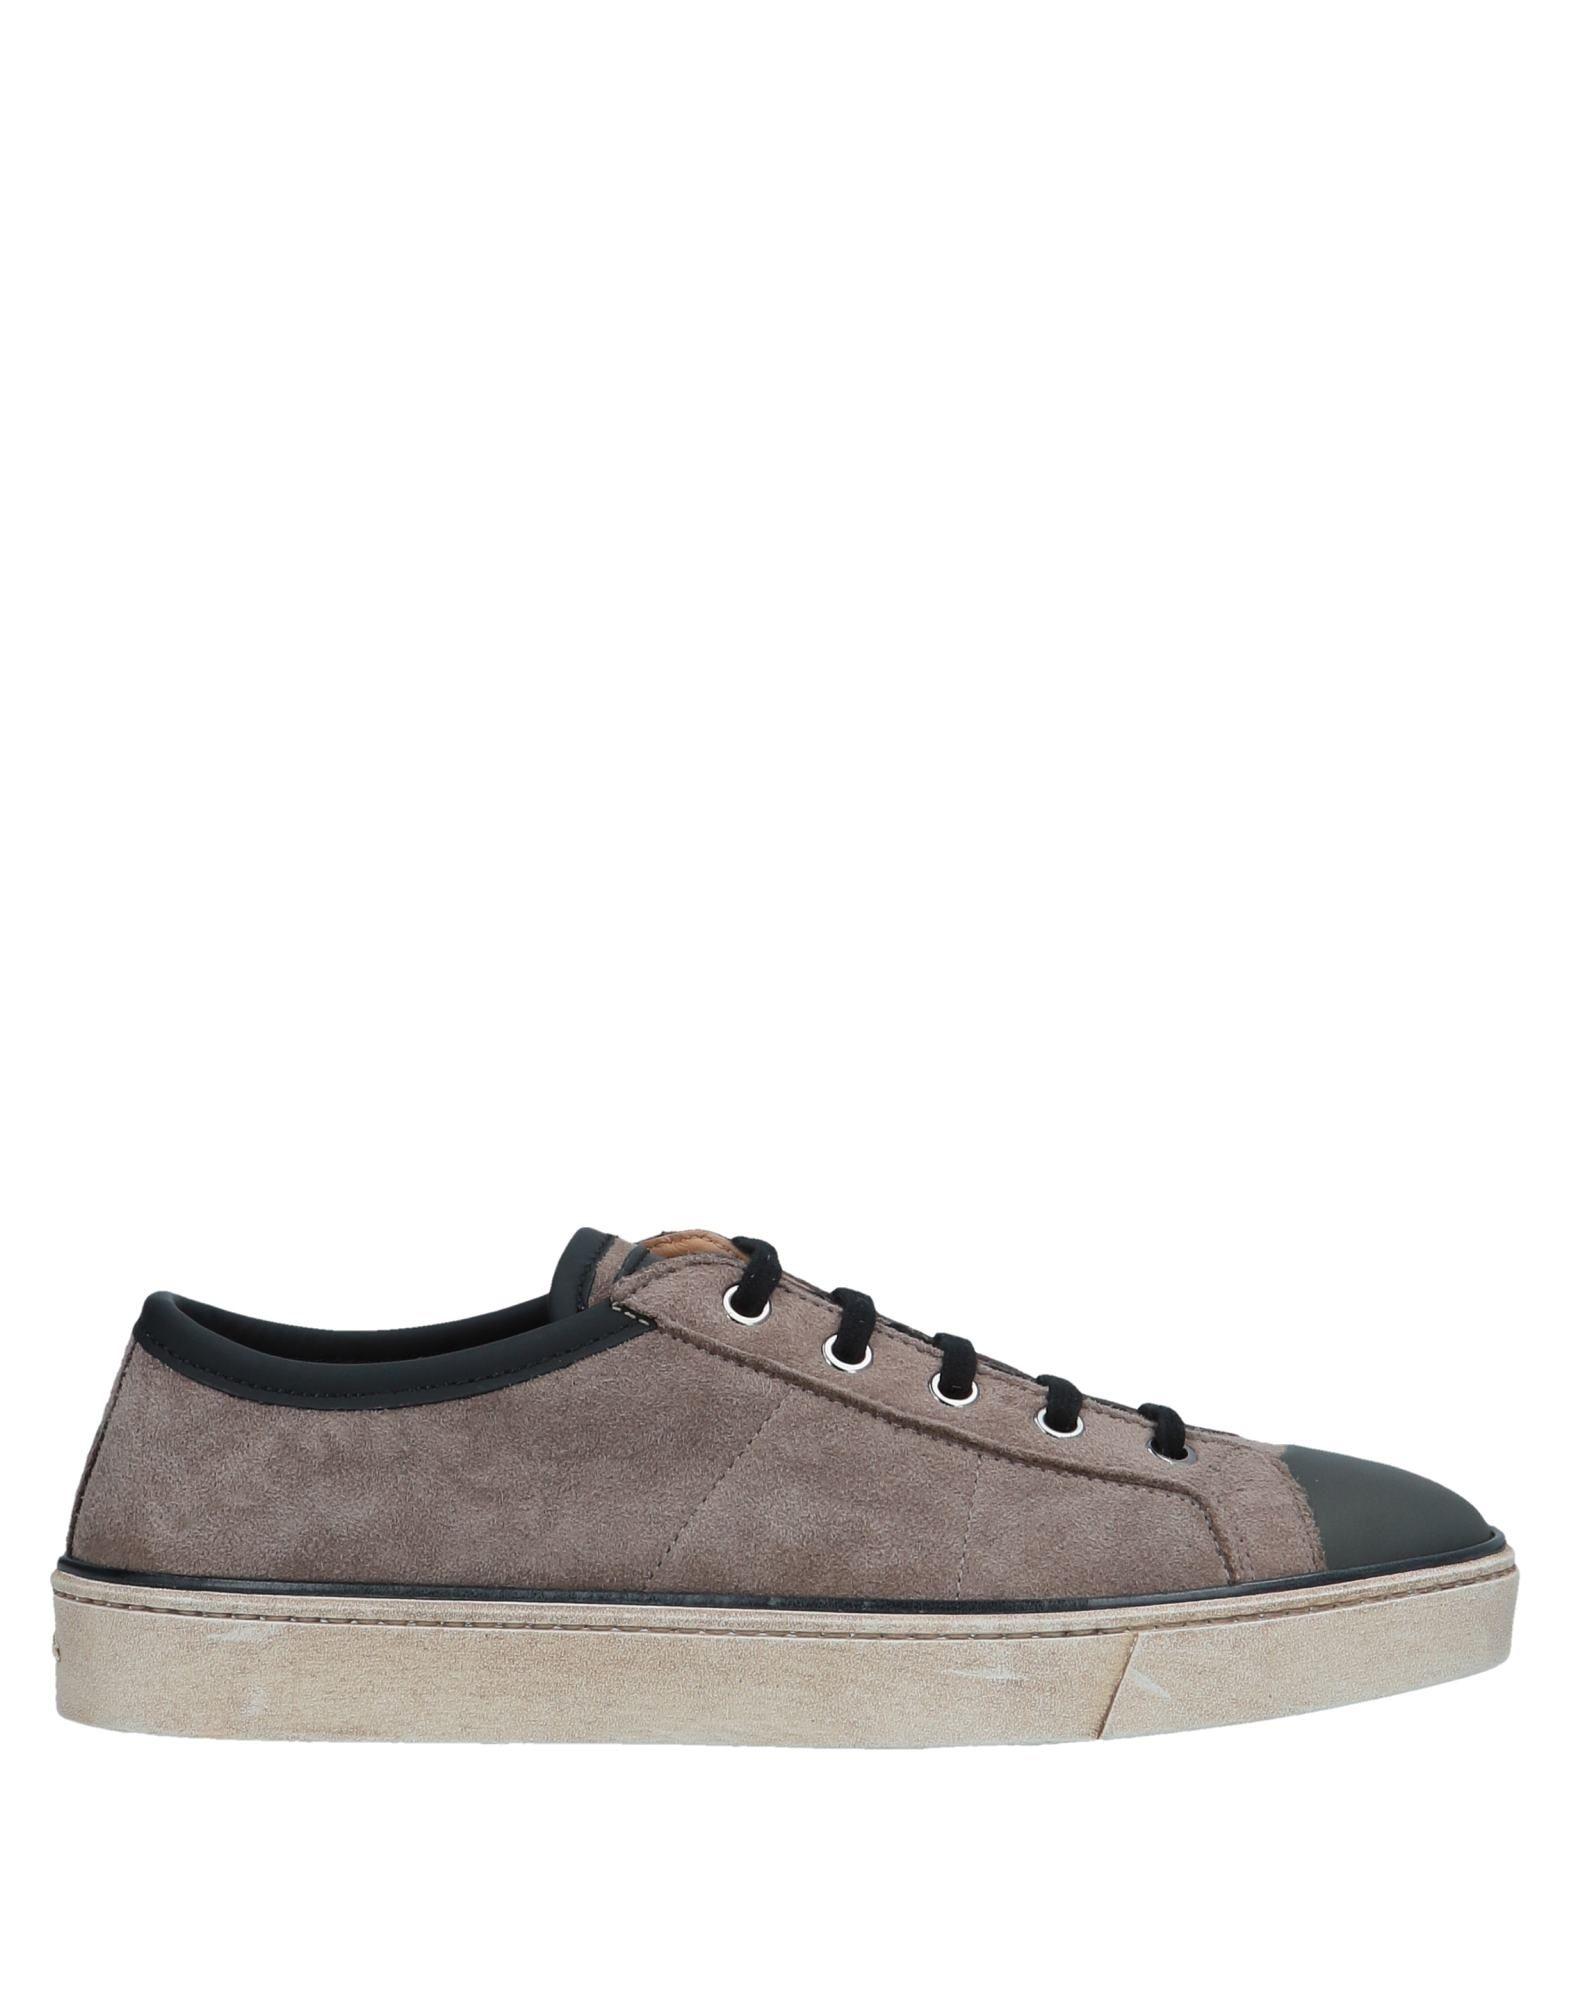 Sneakers Santoni Uomo - 11554588CC elegante